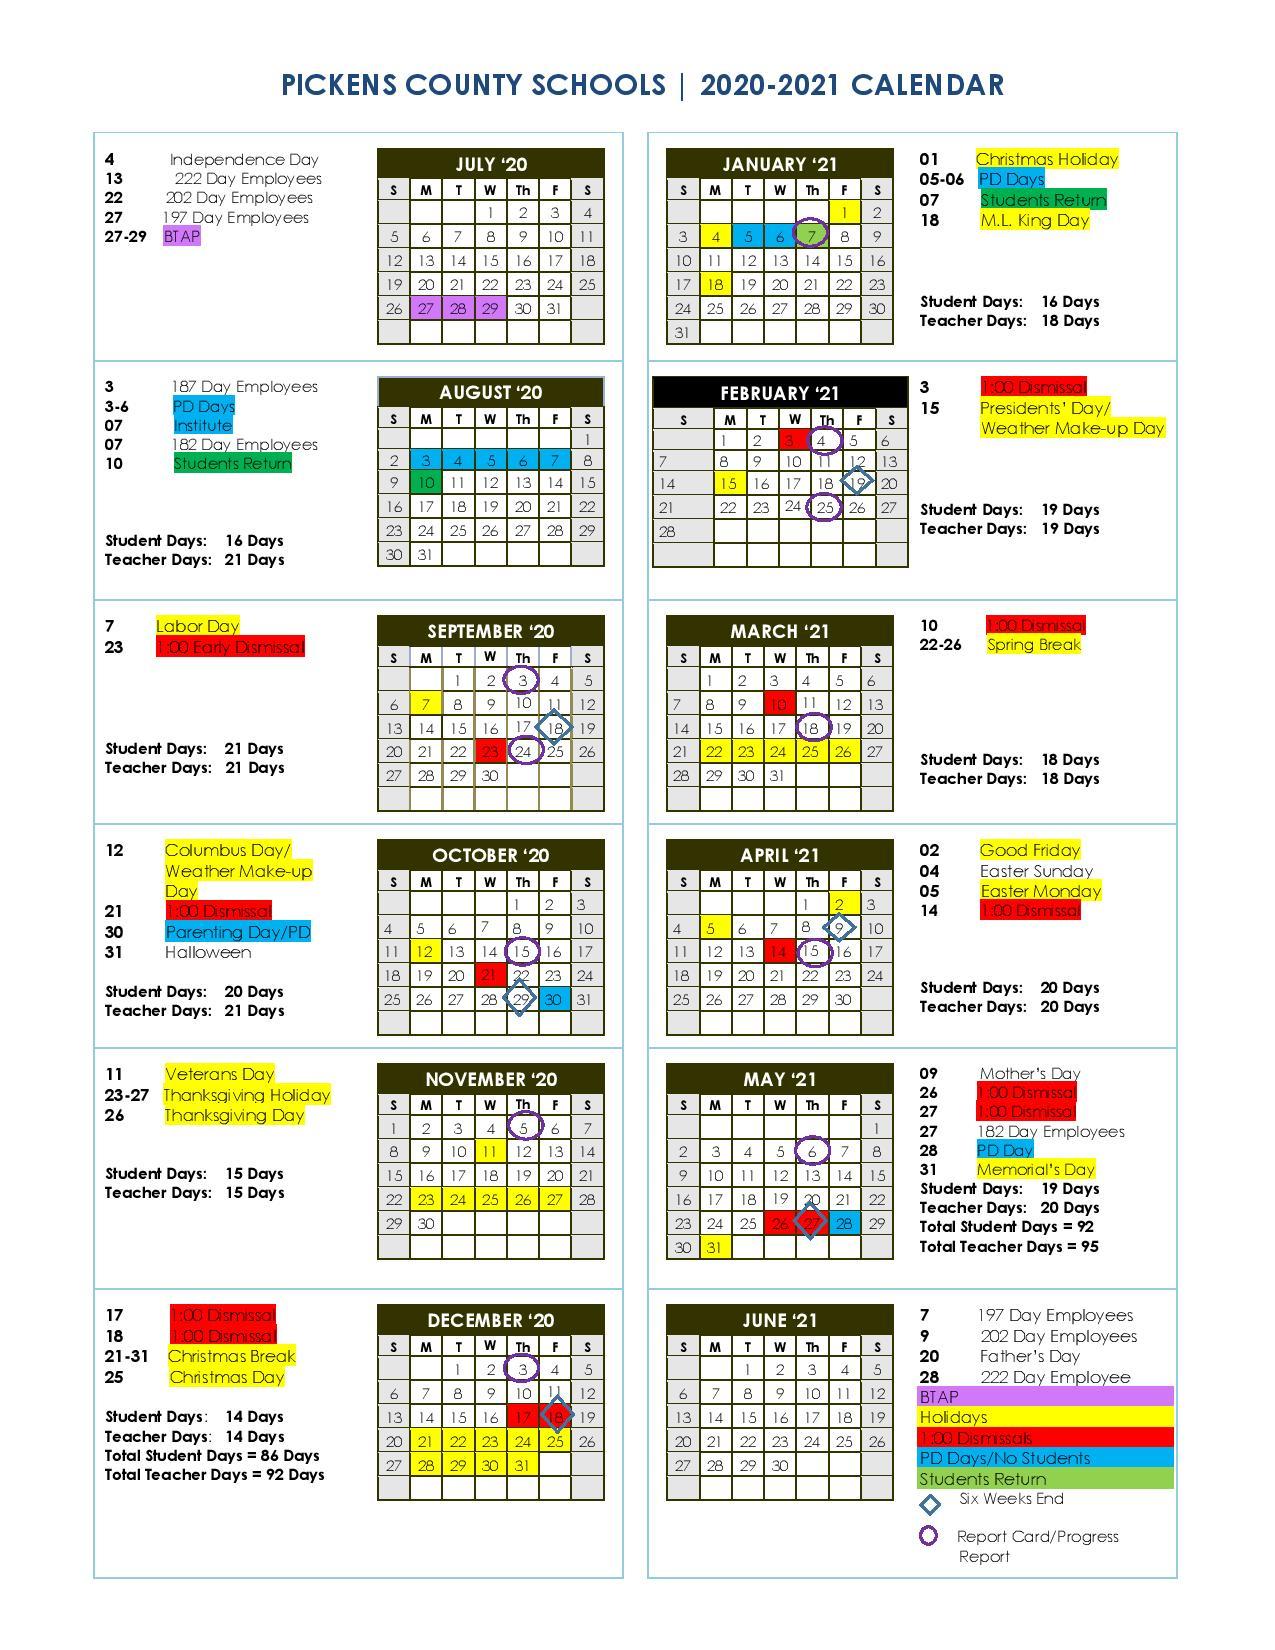 Pickens County Schools 2020-2021 Calendar